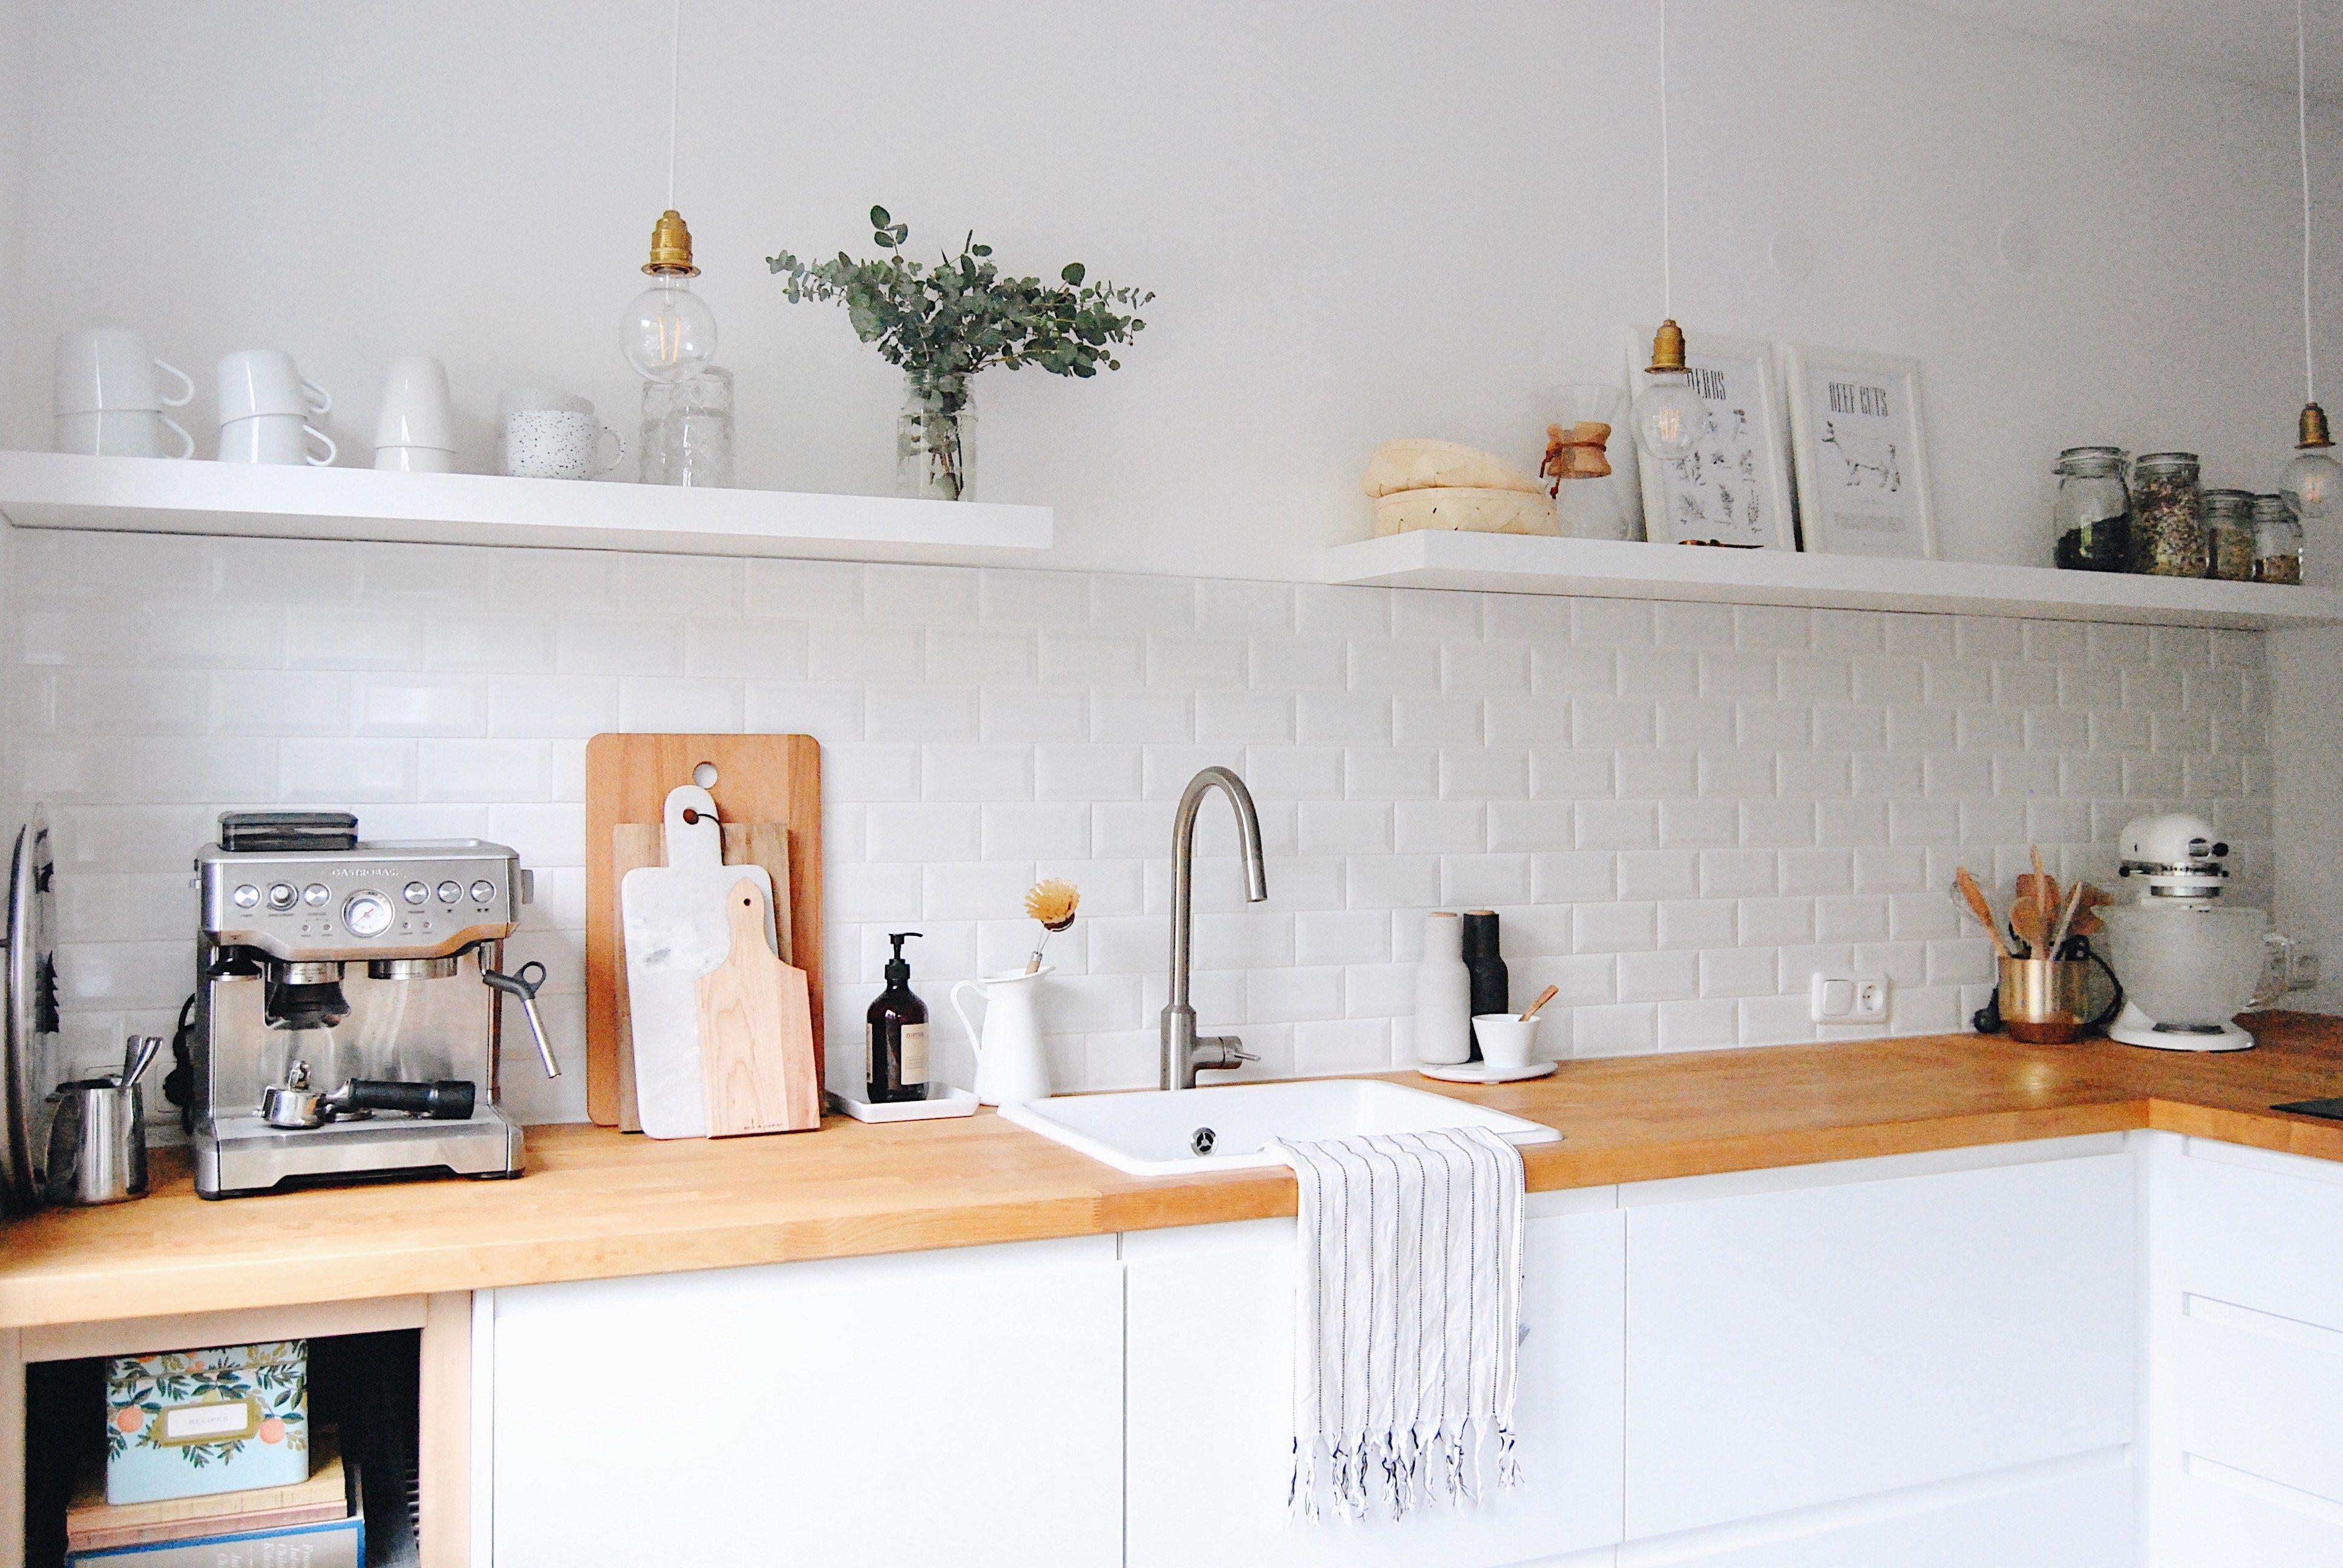 Gemütlich Küche Designtrends 2016 Australien Fotos - Ideen Für Die ...